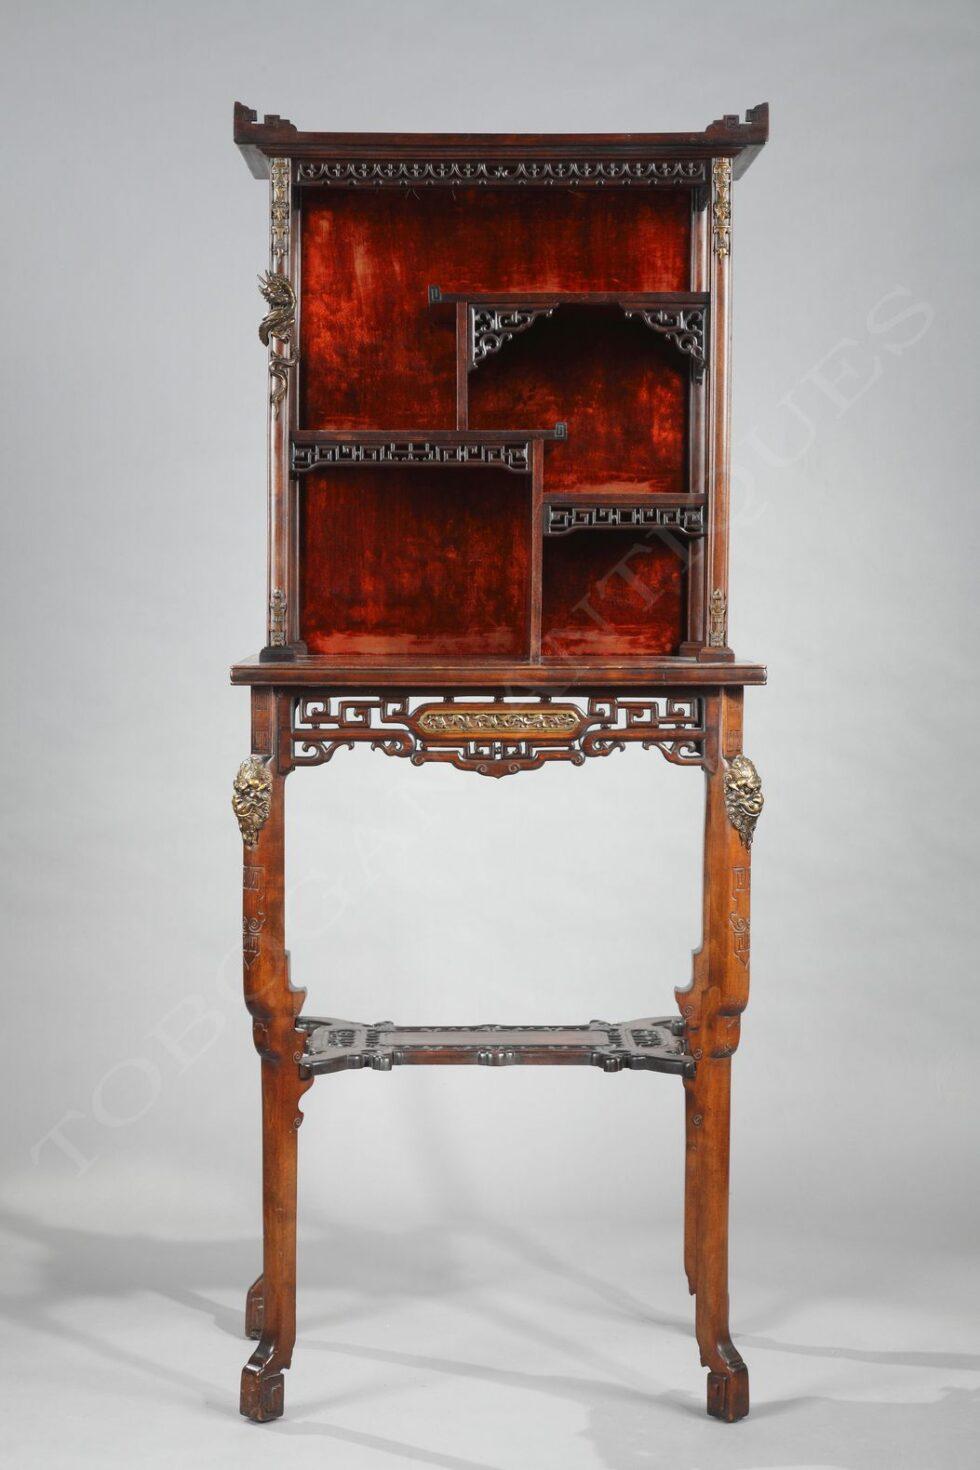 G. Viardot <br/> Table-Etagère Japonisante